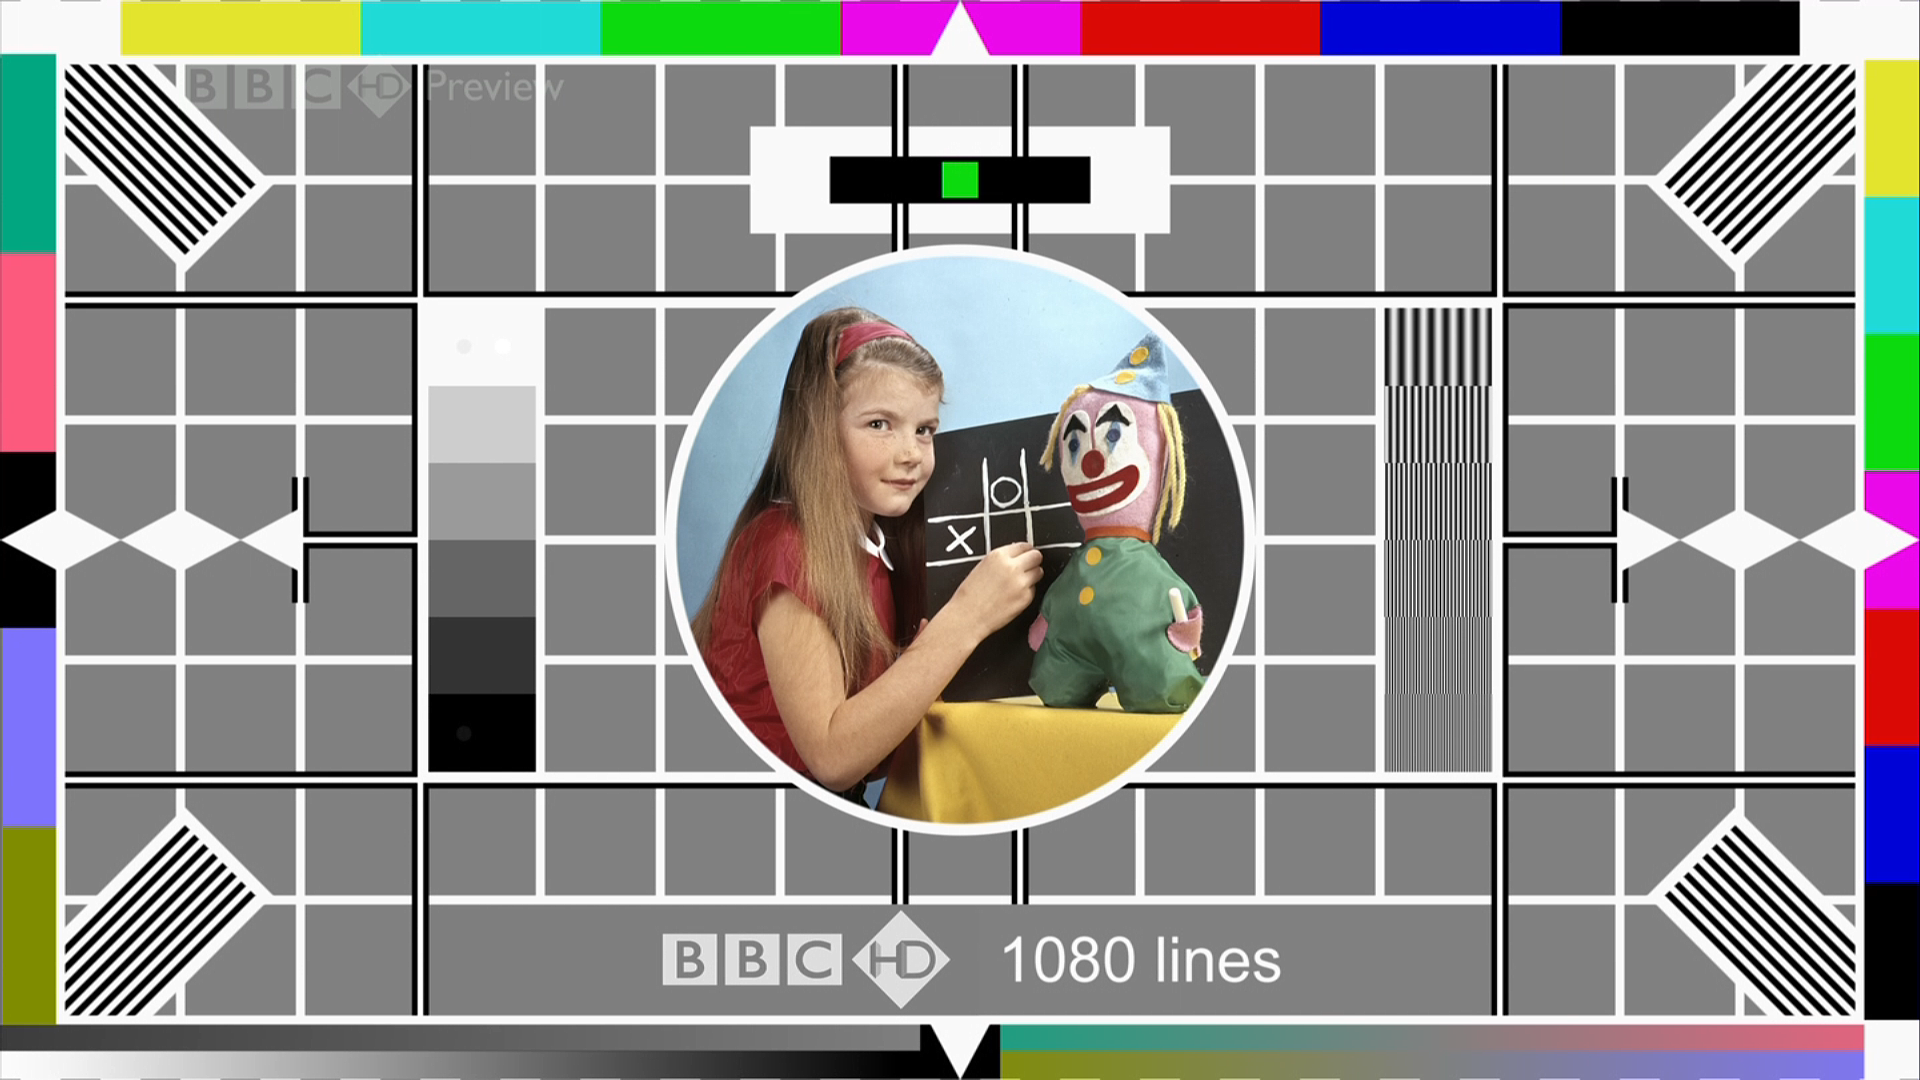 Carta de ajuste de la BBC usada para las pruebas